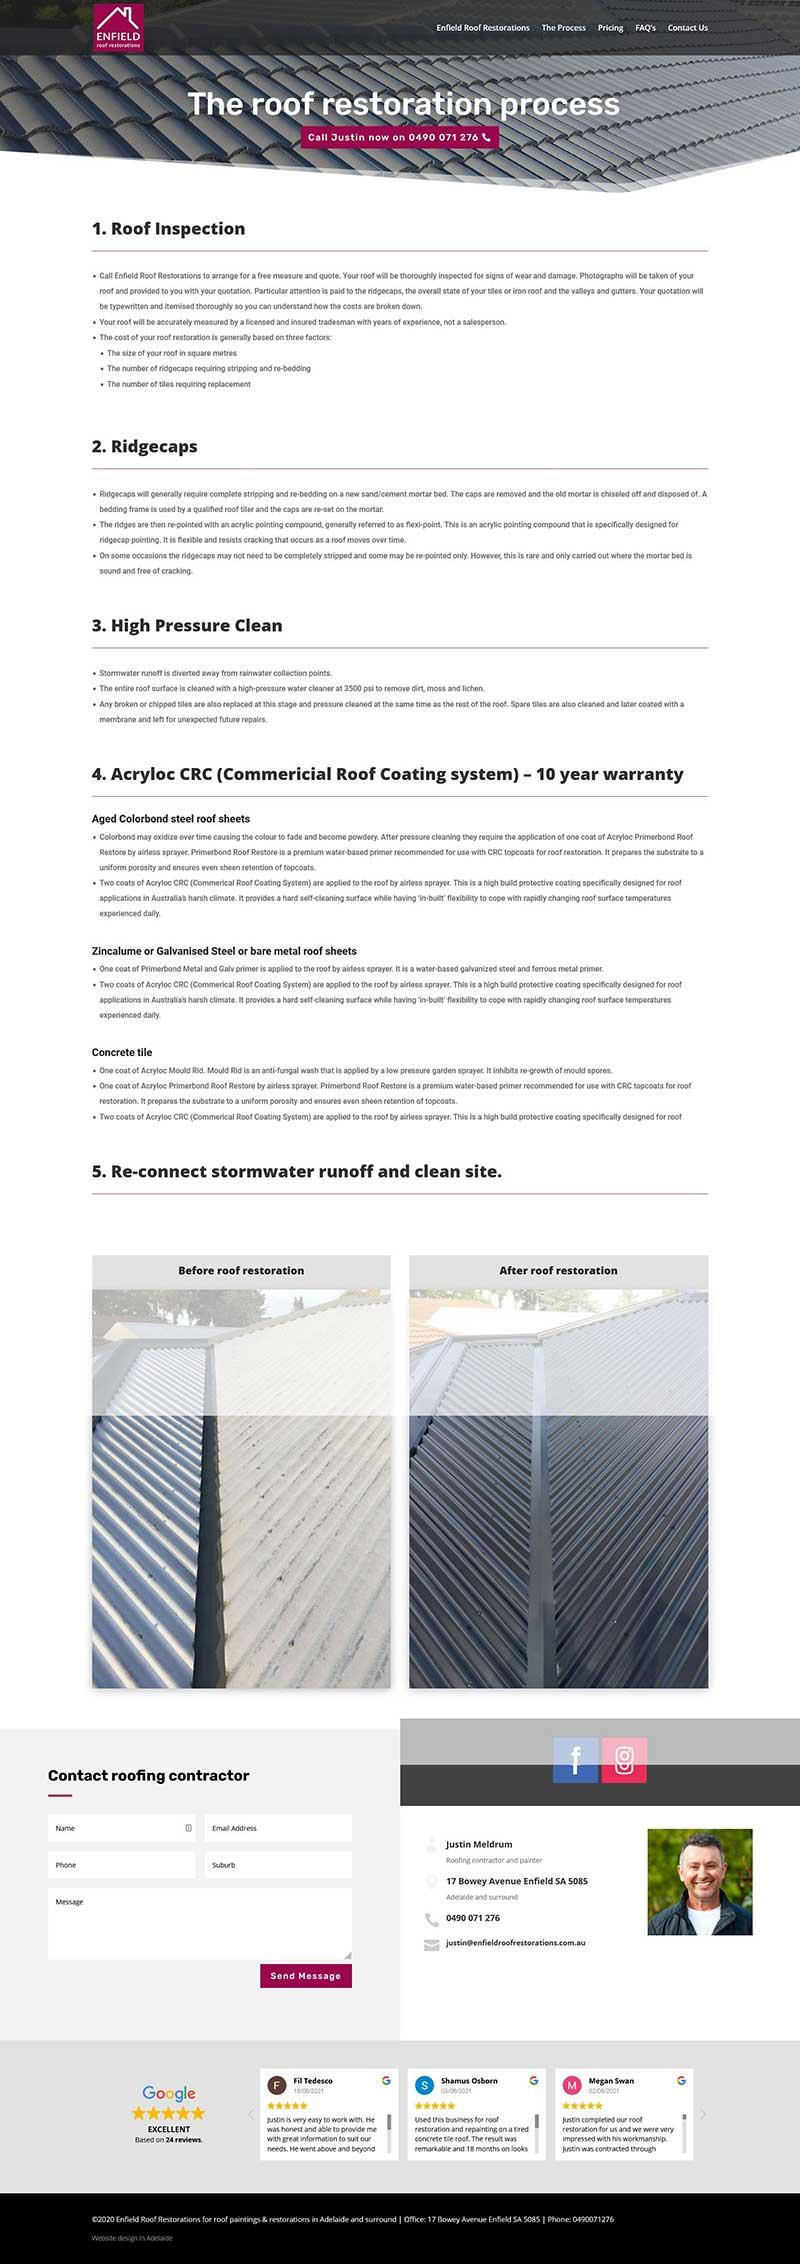 Website design for roof restoration business in Adelaide